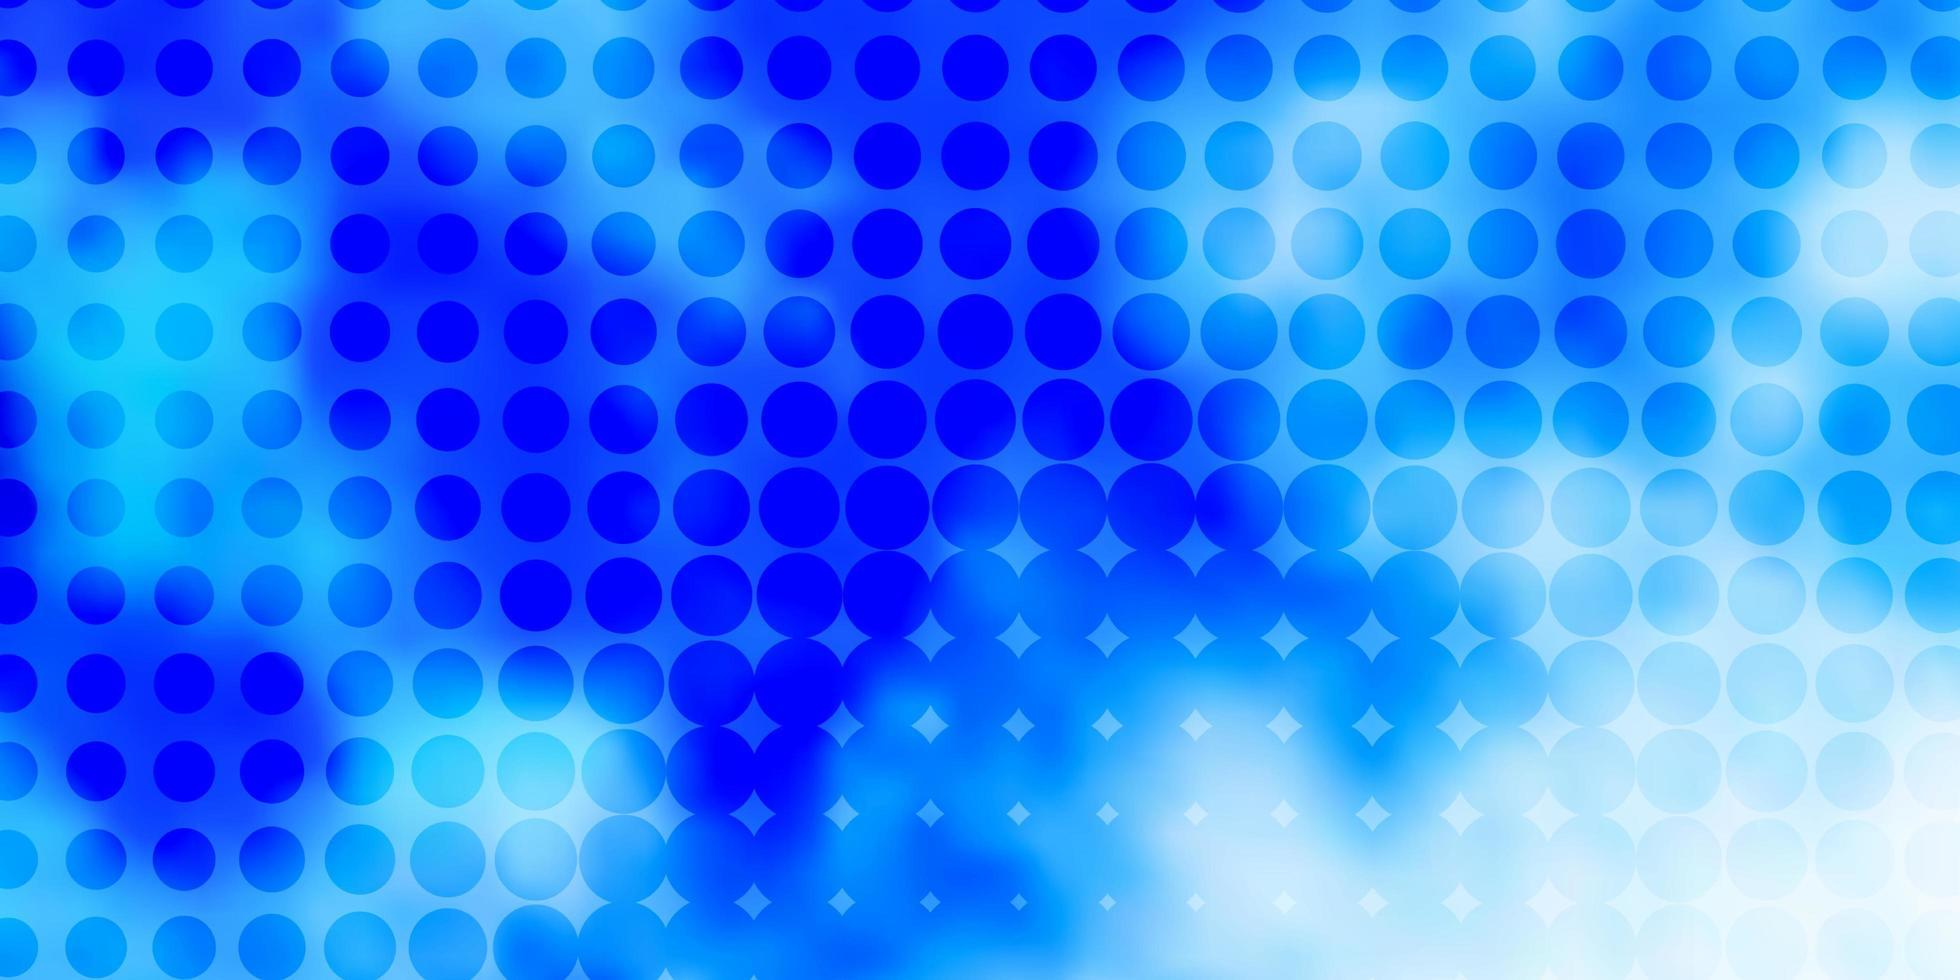 fond bleu avec des cercles. vecteur